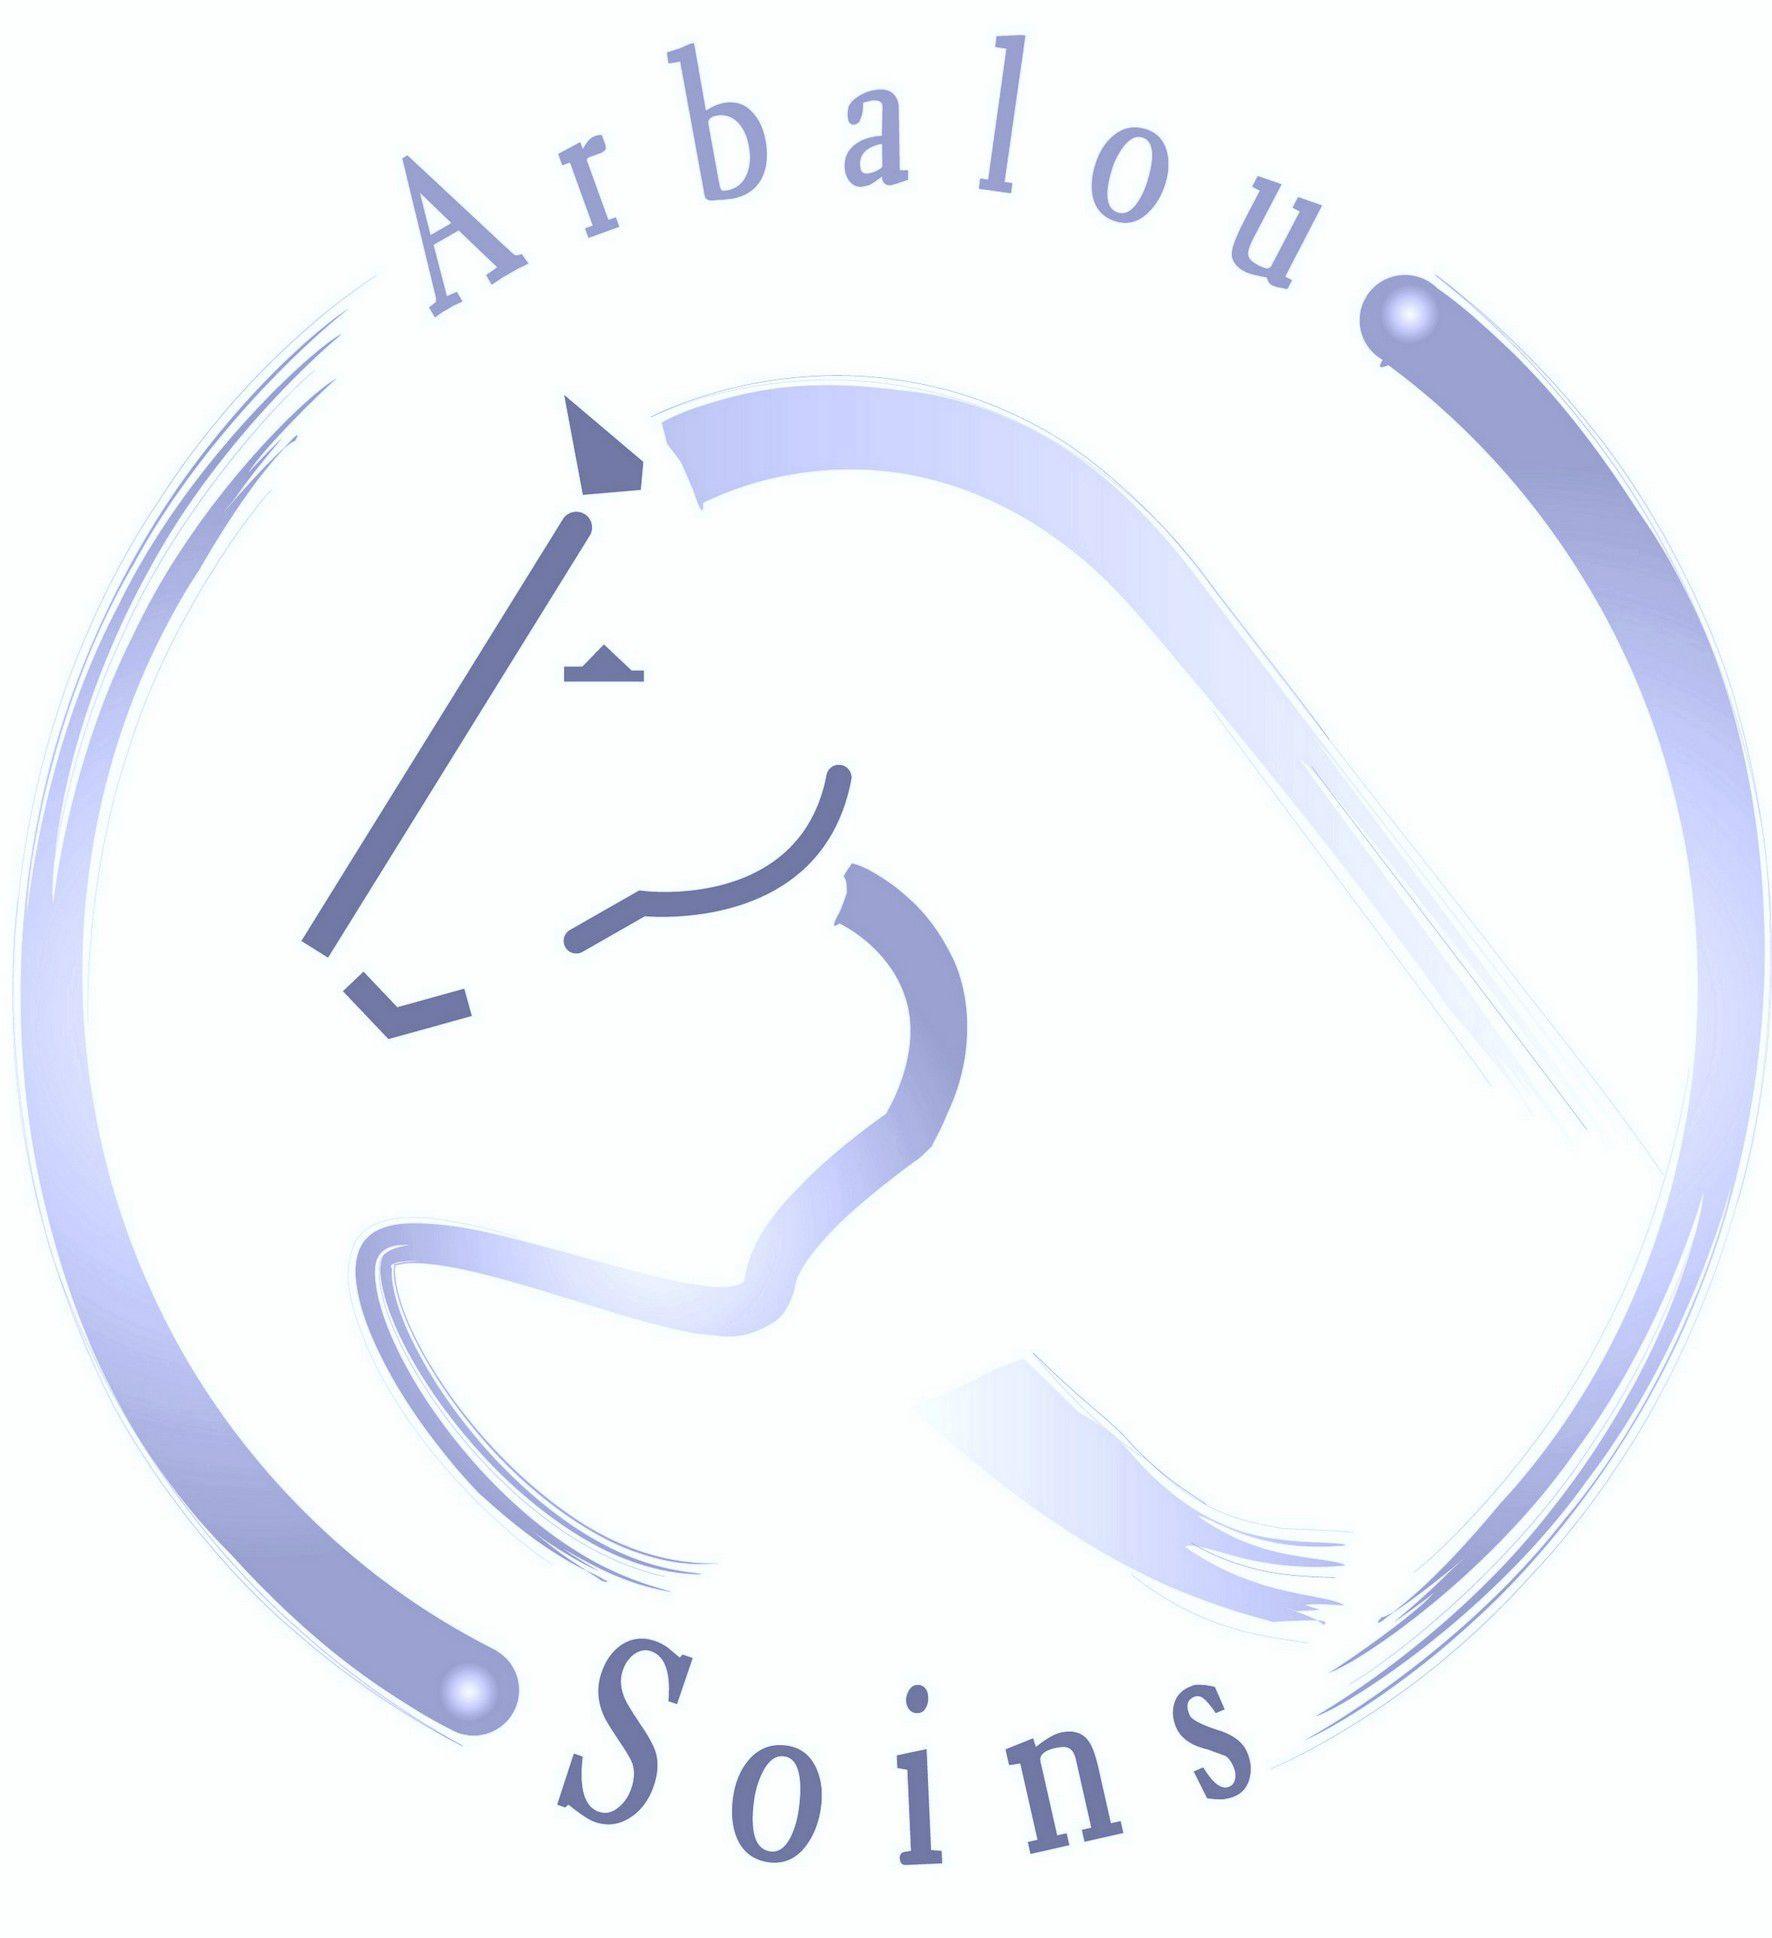 ARBALOU SOINS